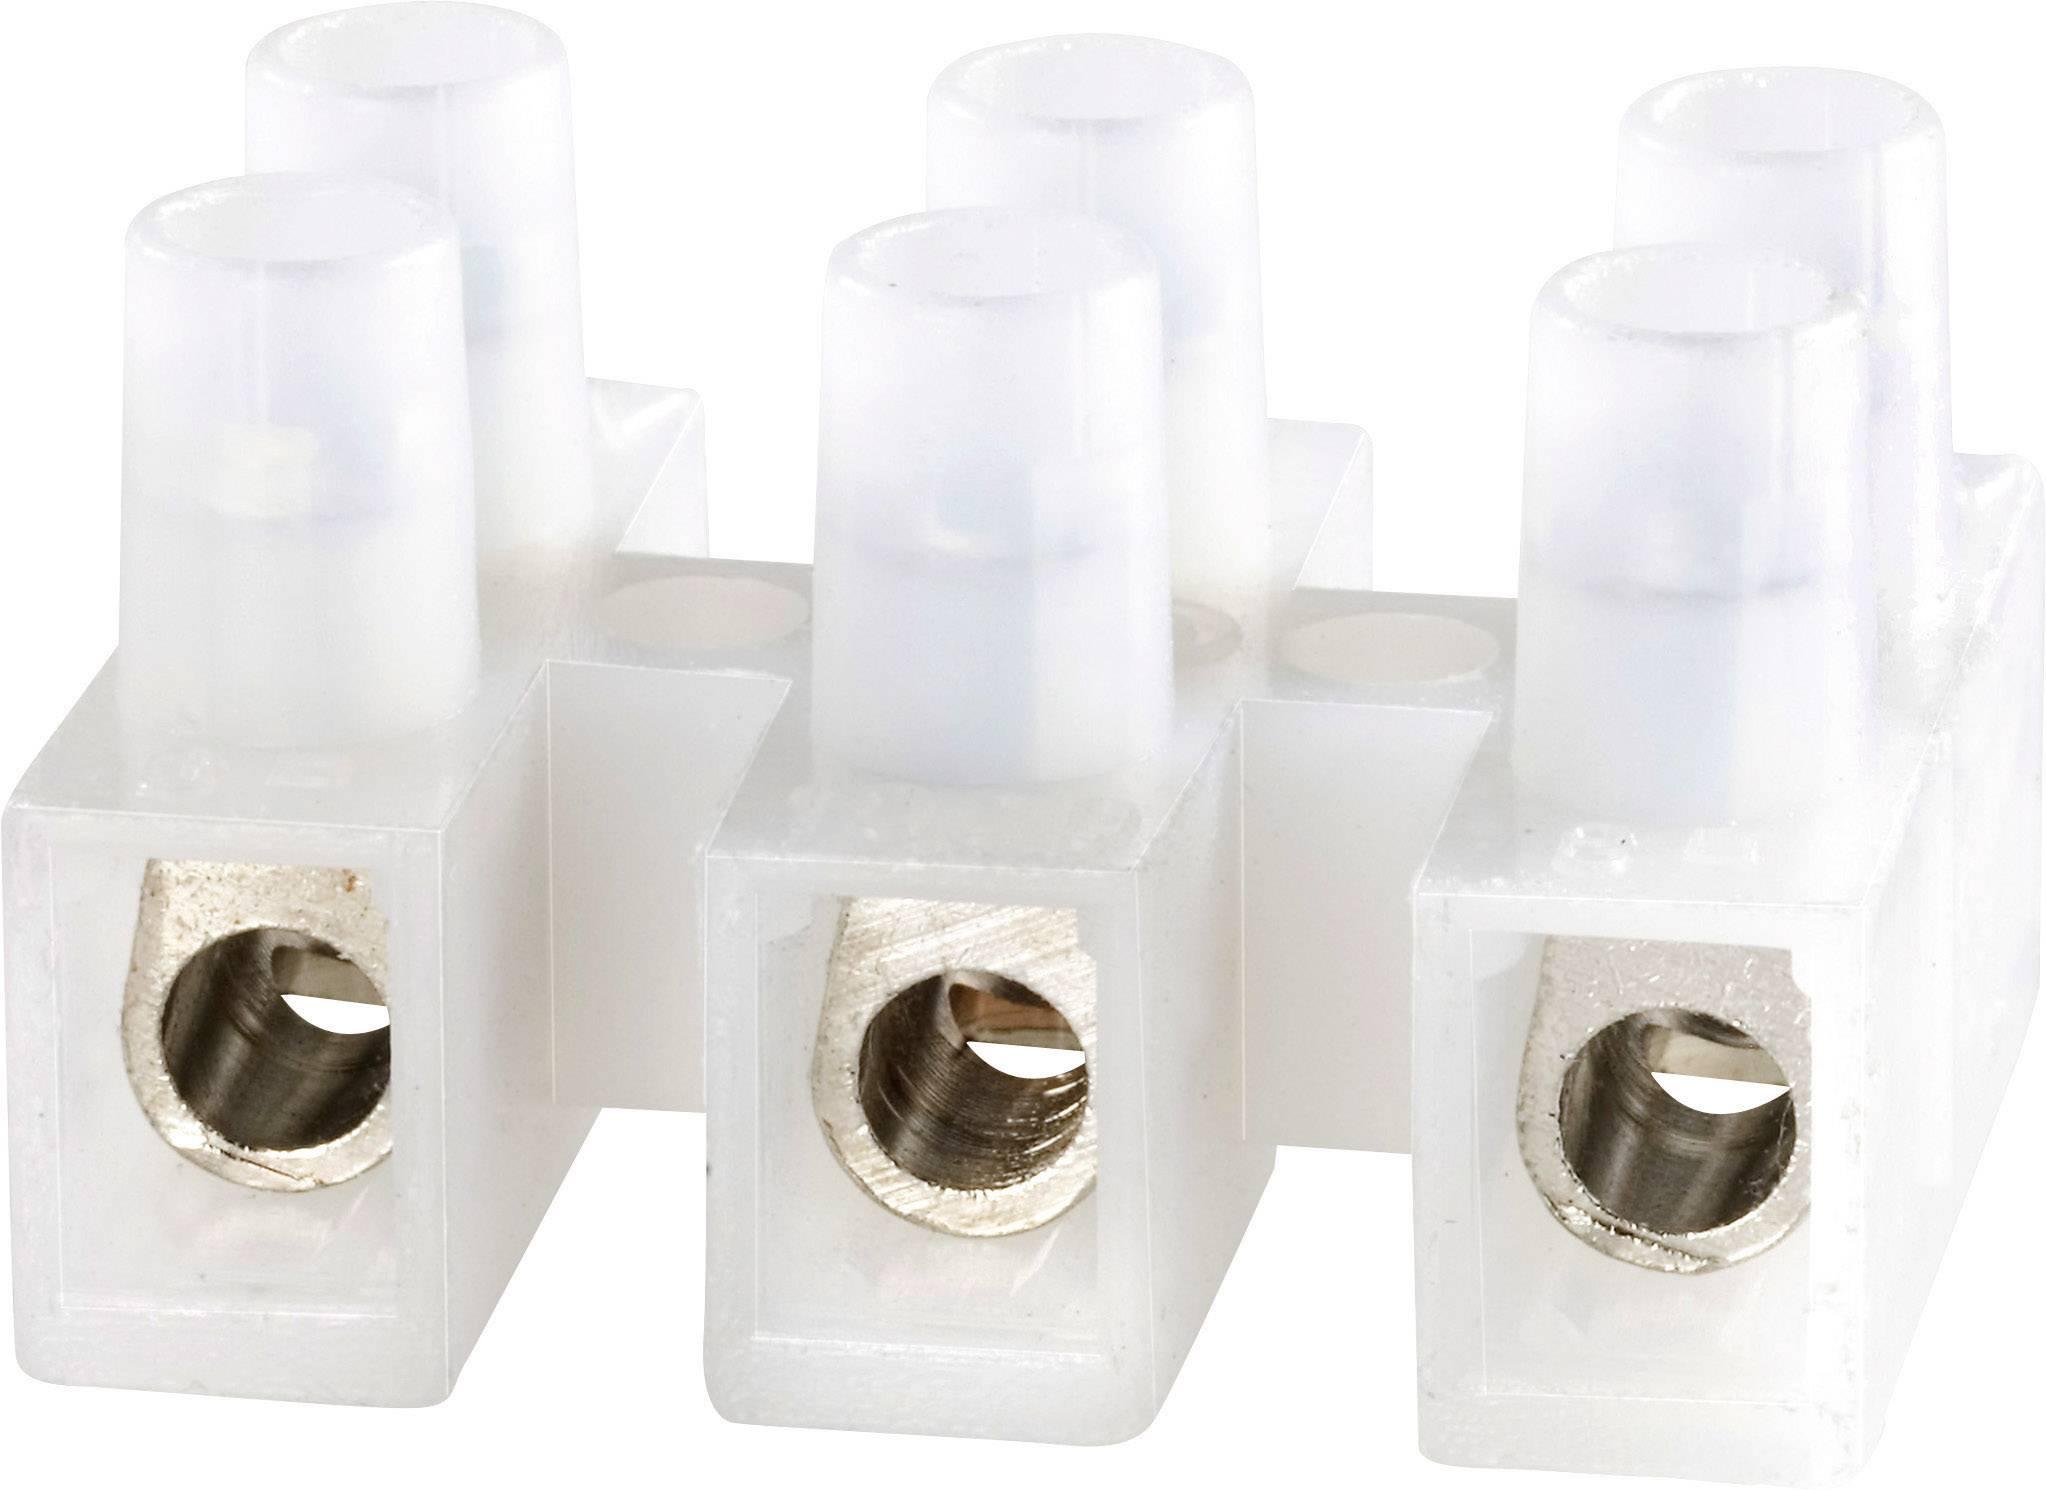 Svietidlové svorky Adels-Contact 1000/3 na kábel s rozmerom -6 mm², pólů 3, 1 ks, prírodná